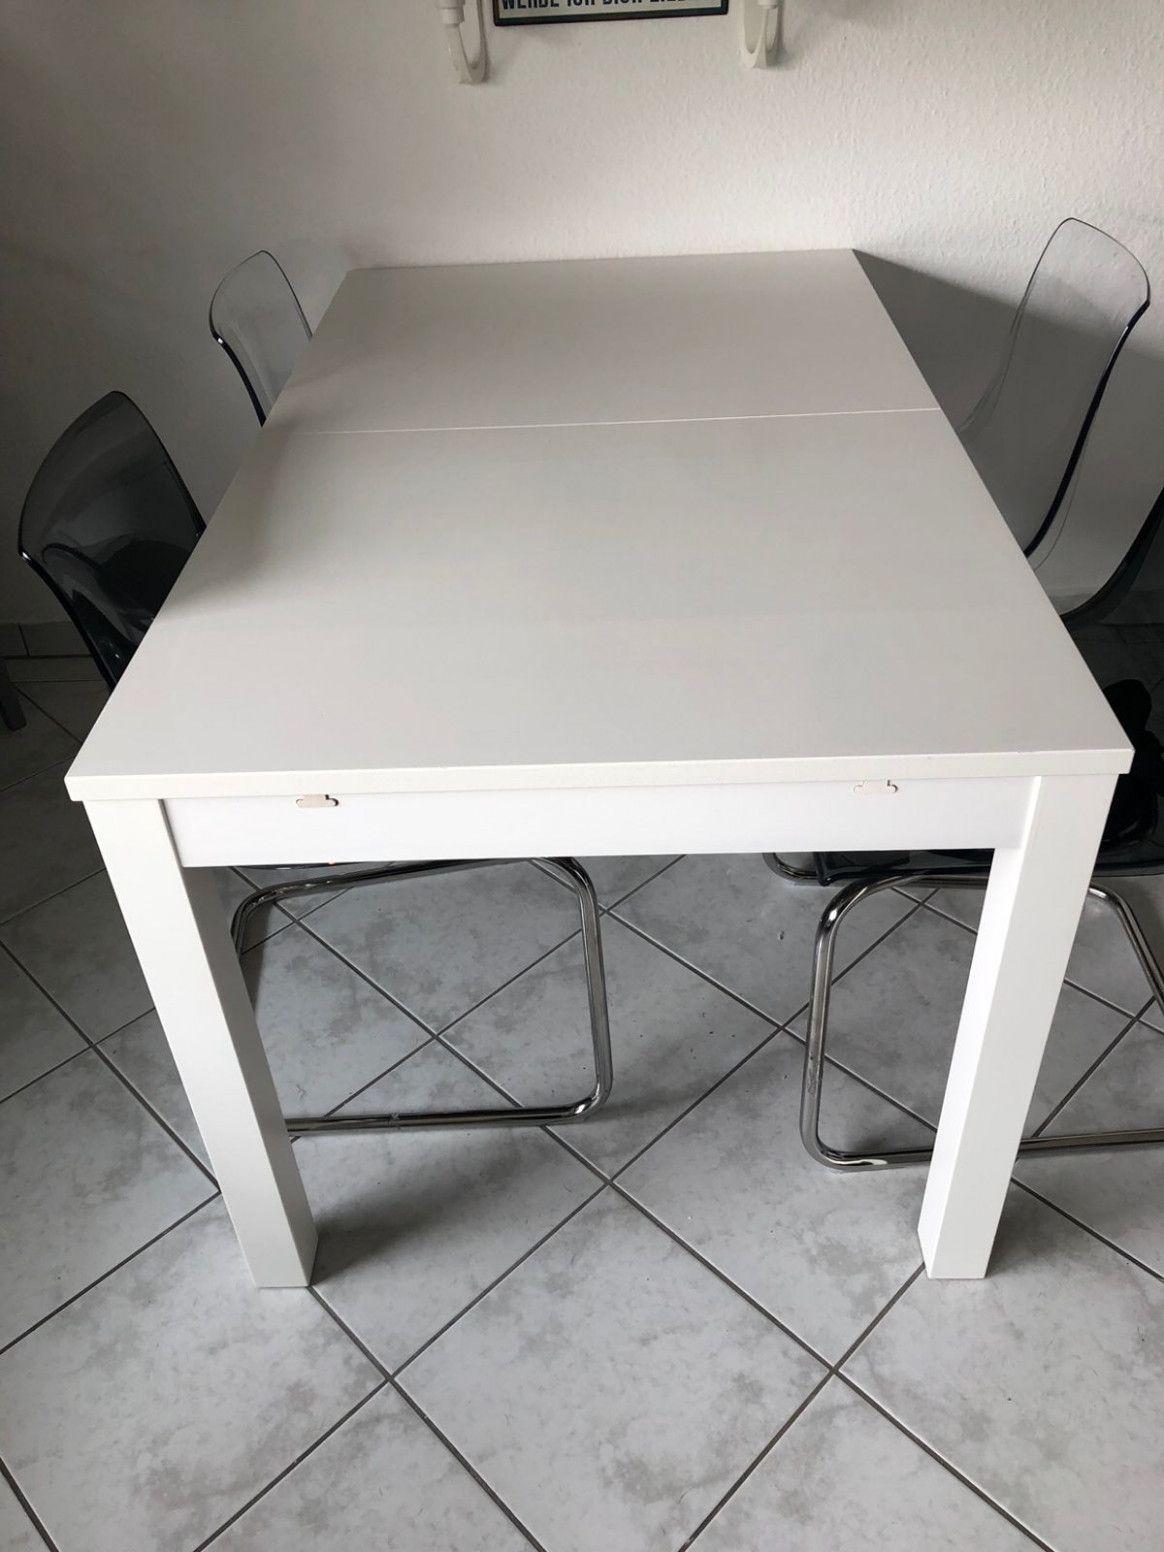 Schon Tisch Ikea Weiss Ausziehbar Kuchentisch Schon Tisch Ikea